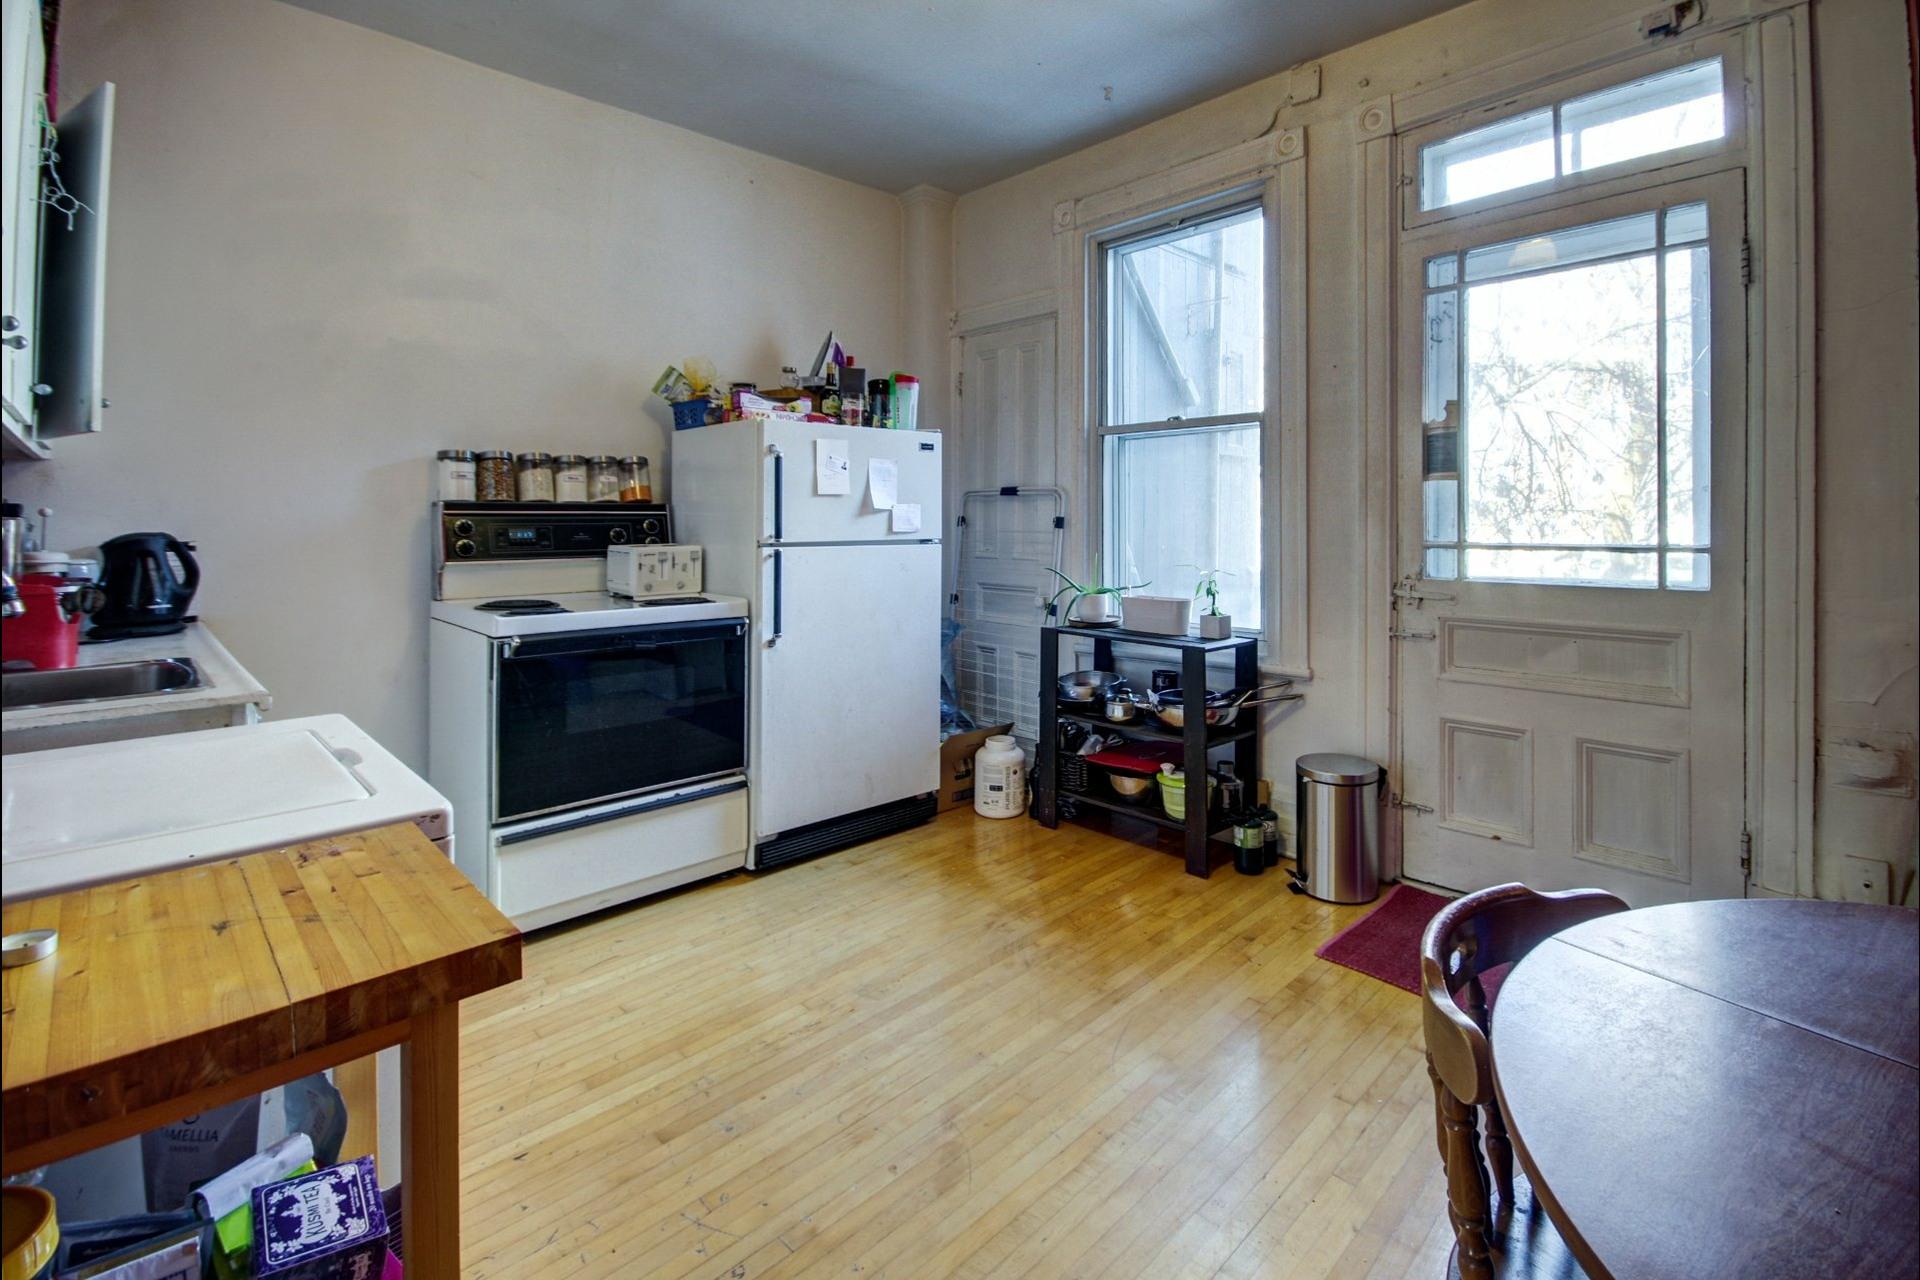 image 32 - Immeuble à revenus À vendre Montréal Le Plateau-Mont-Royal  - 5 pièces